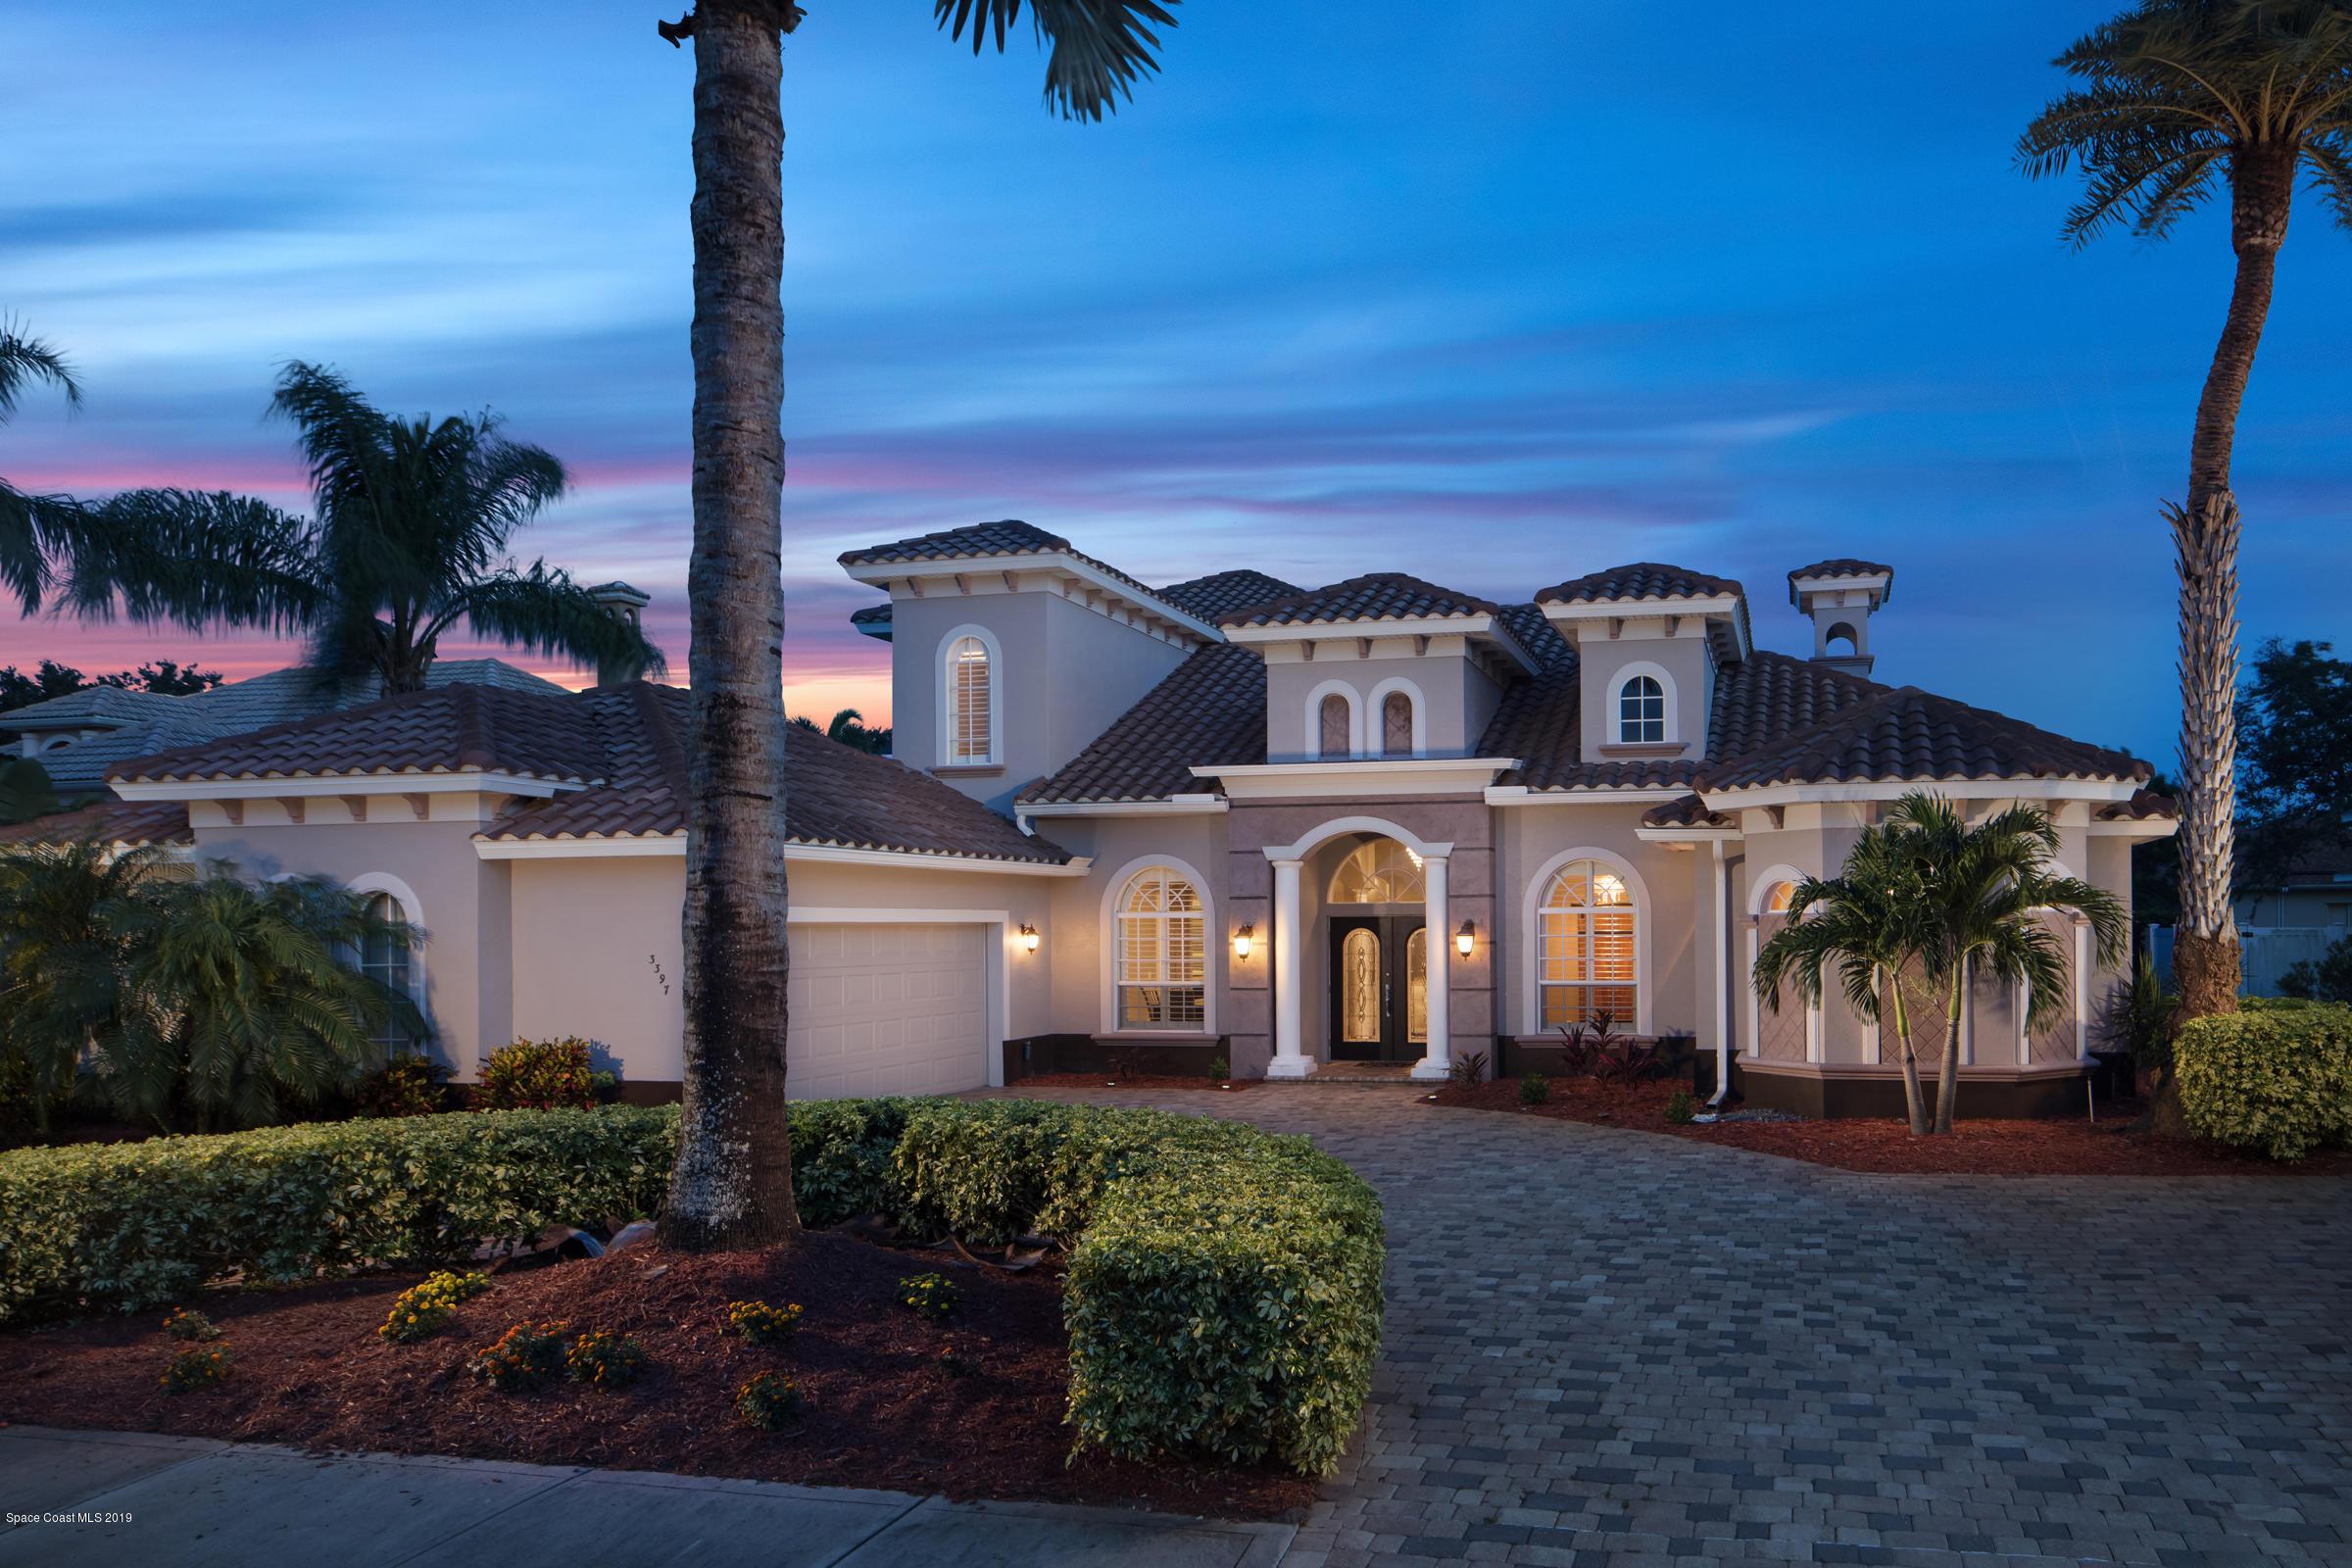 Single Family Home for Sale at 3397 Cappio 3397 Cappio Melbourne, Florida 32940 United States